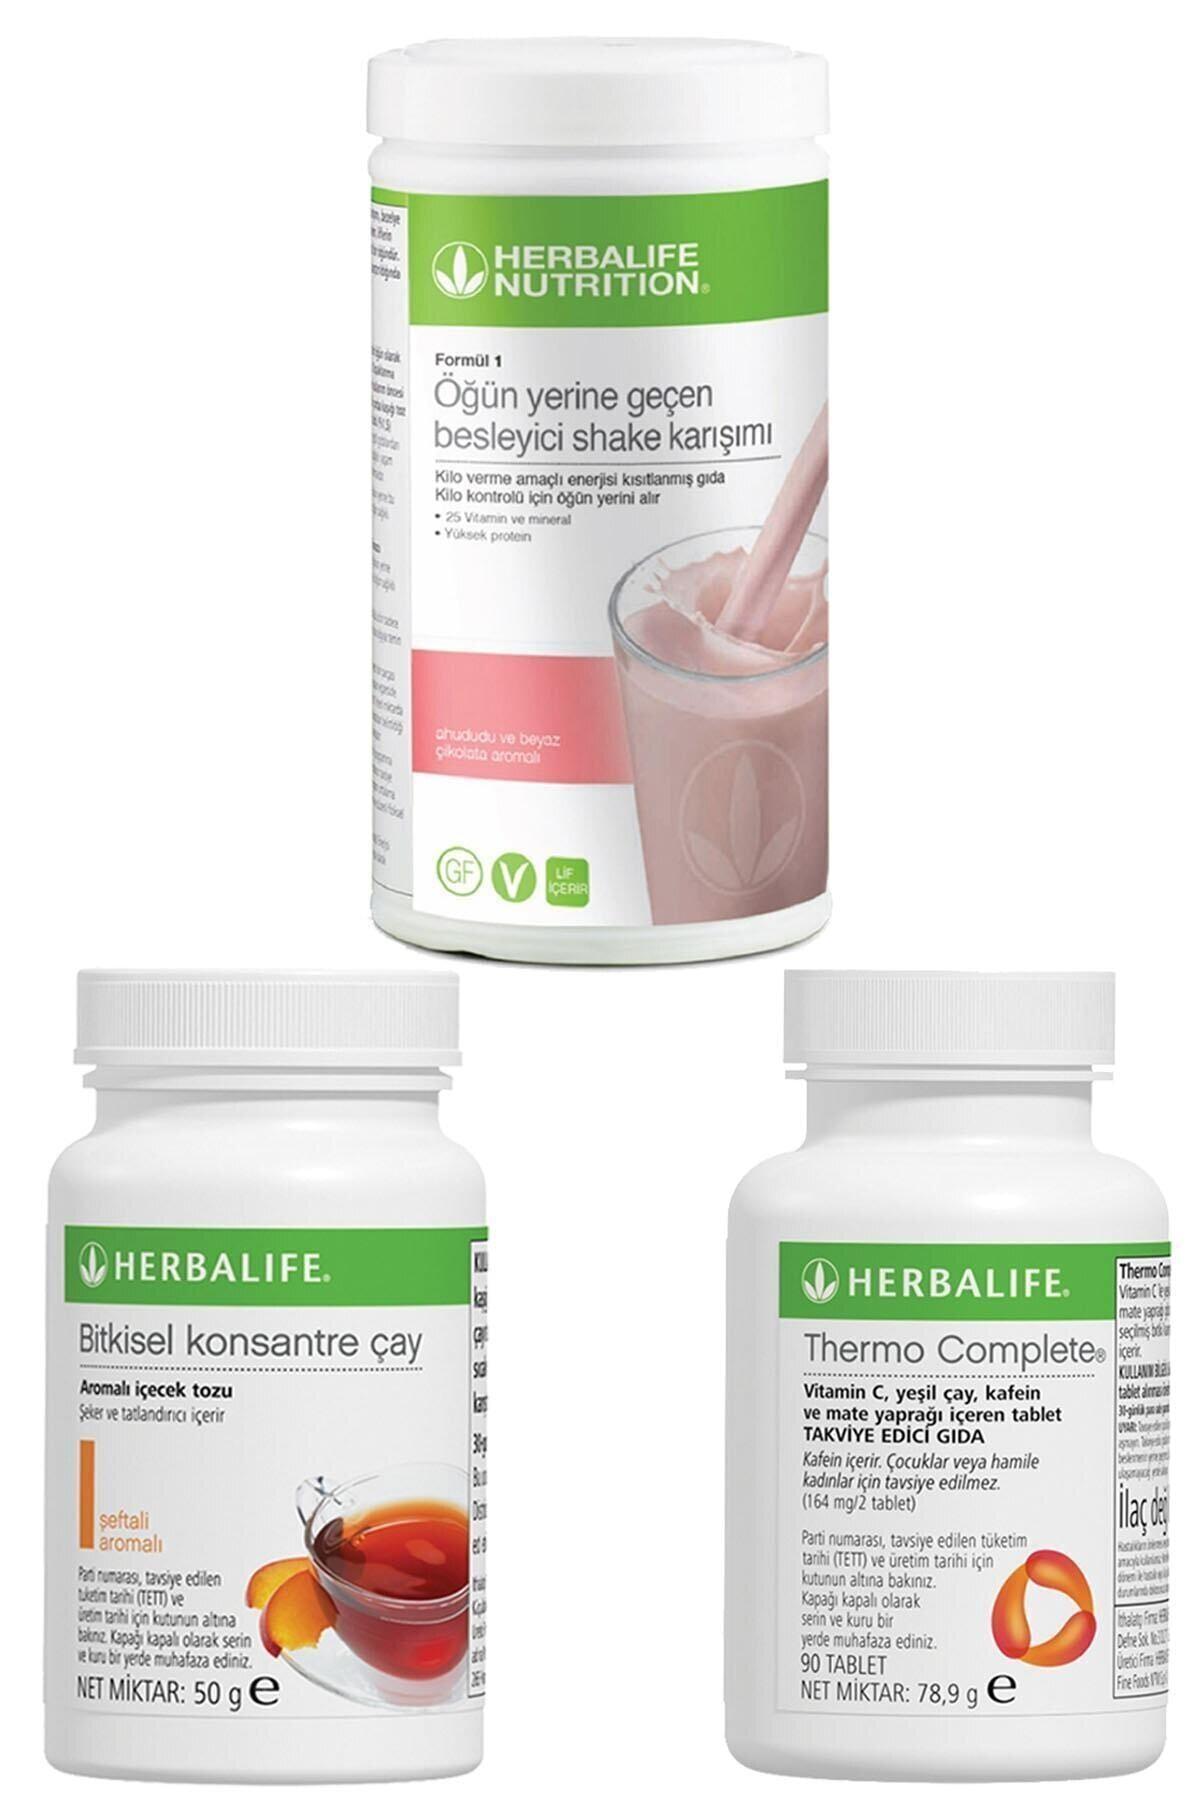 Herbalife Shake Ahududulu Ve Beyaz Çikolatalı, Thermo Complete, Şeftali Çay 50gr Birer Adet 1